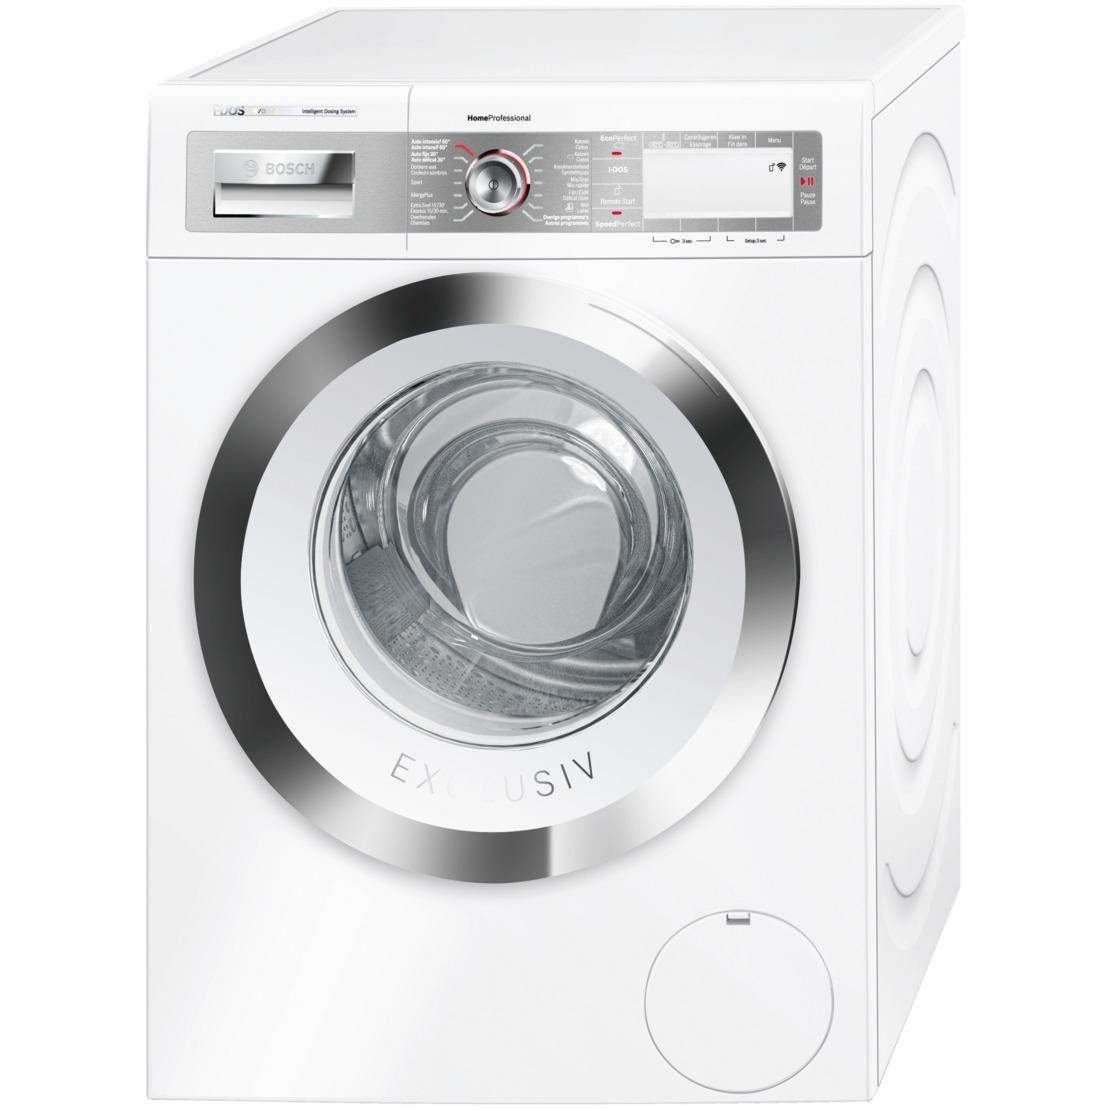 Bosch voorlader WAYH2892NL IDOS